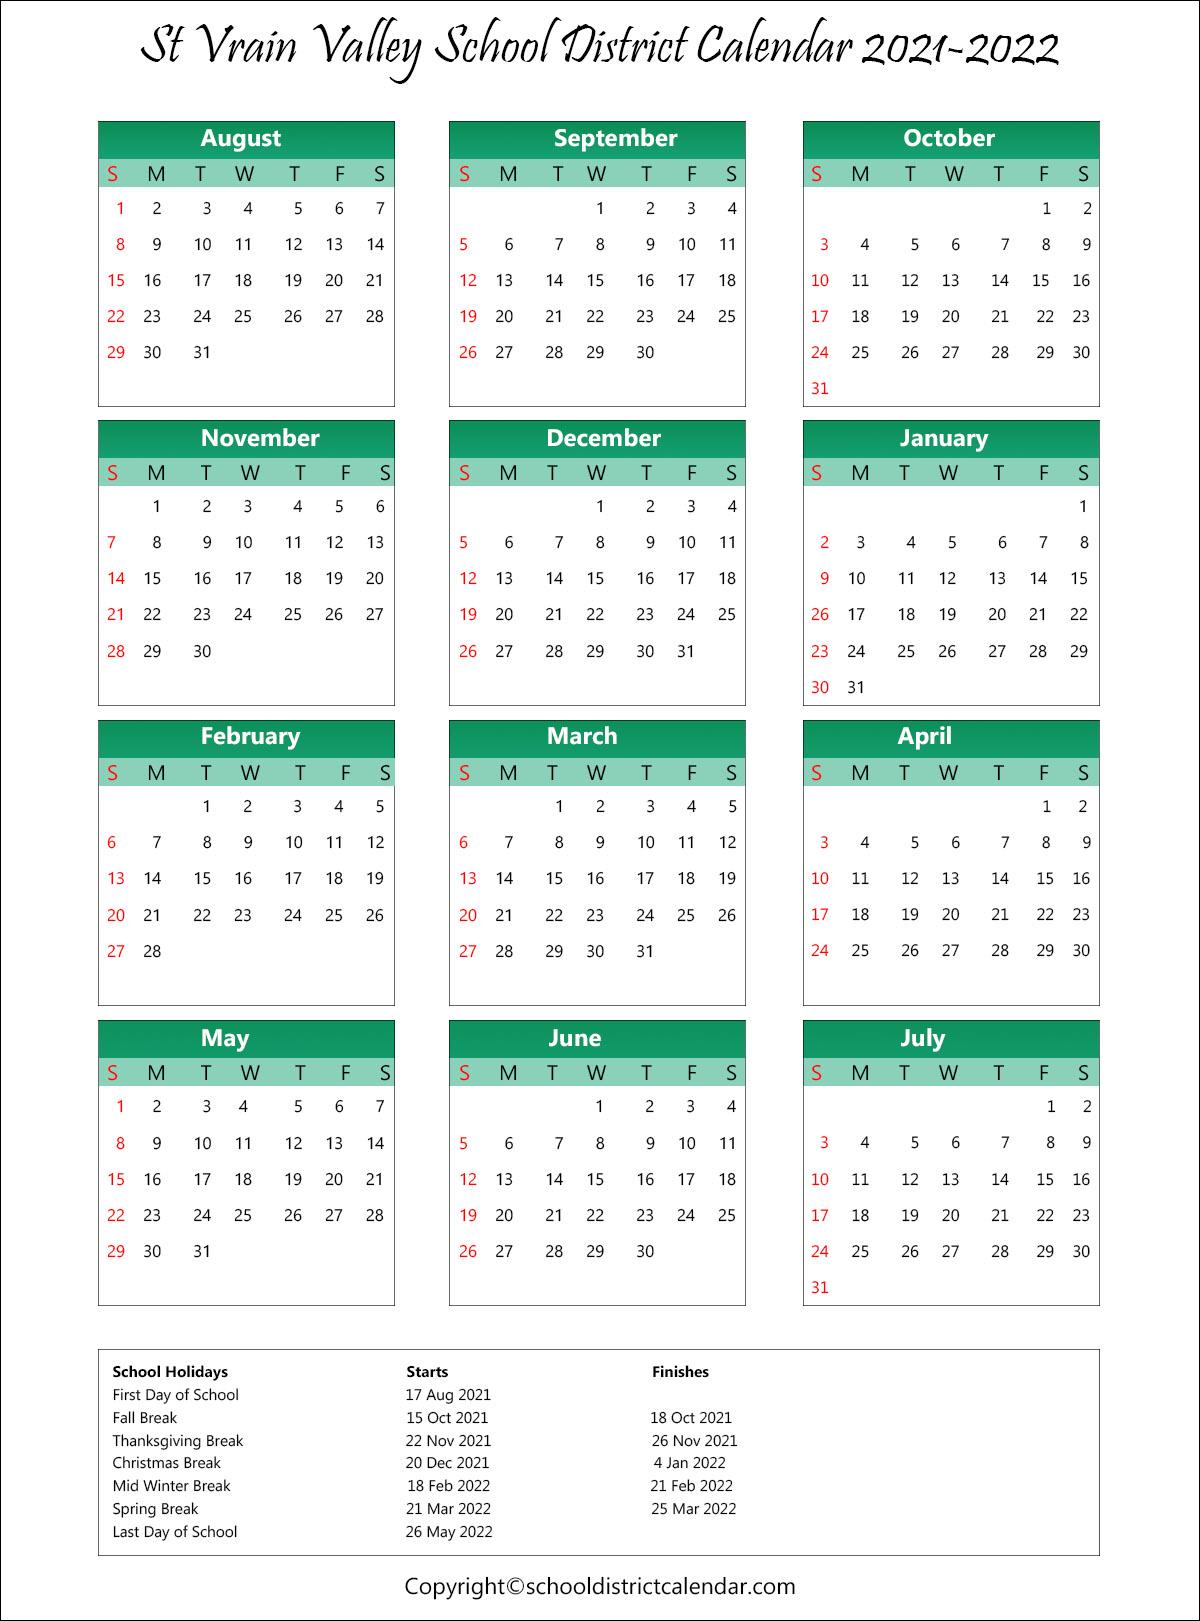 St. Vrain Valley School District, Colorado Calendar Holidays 2021-22